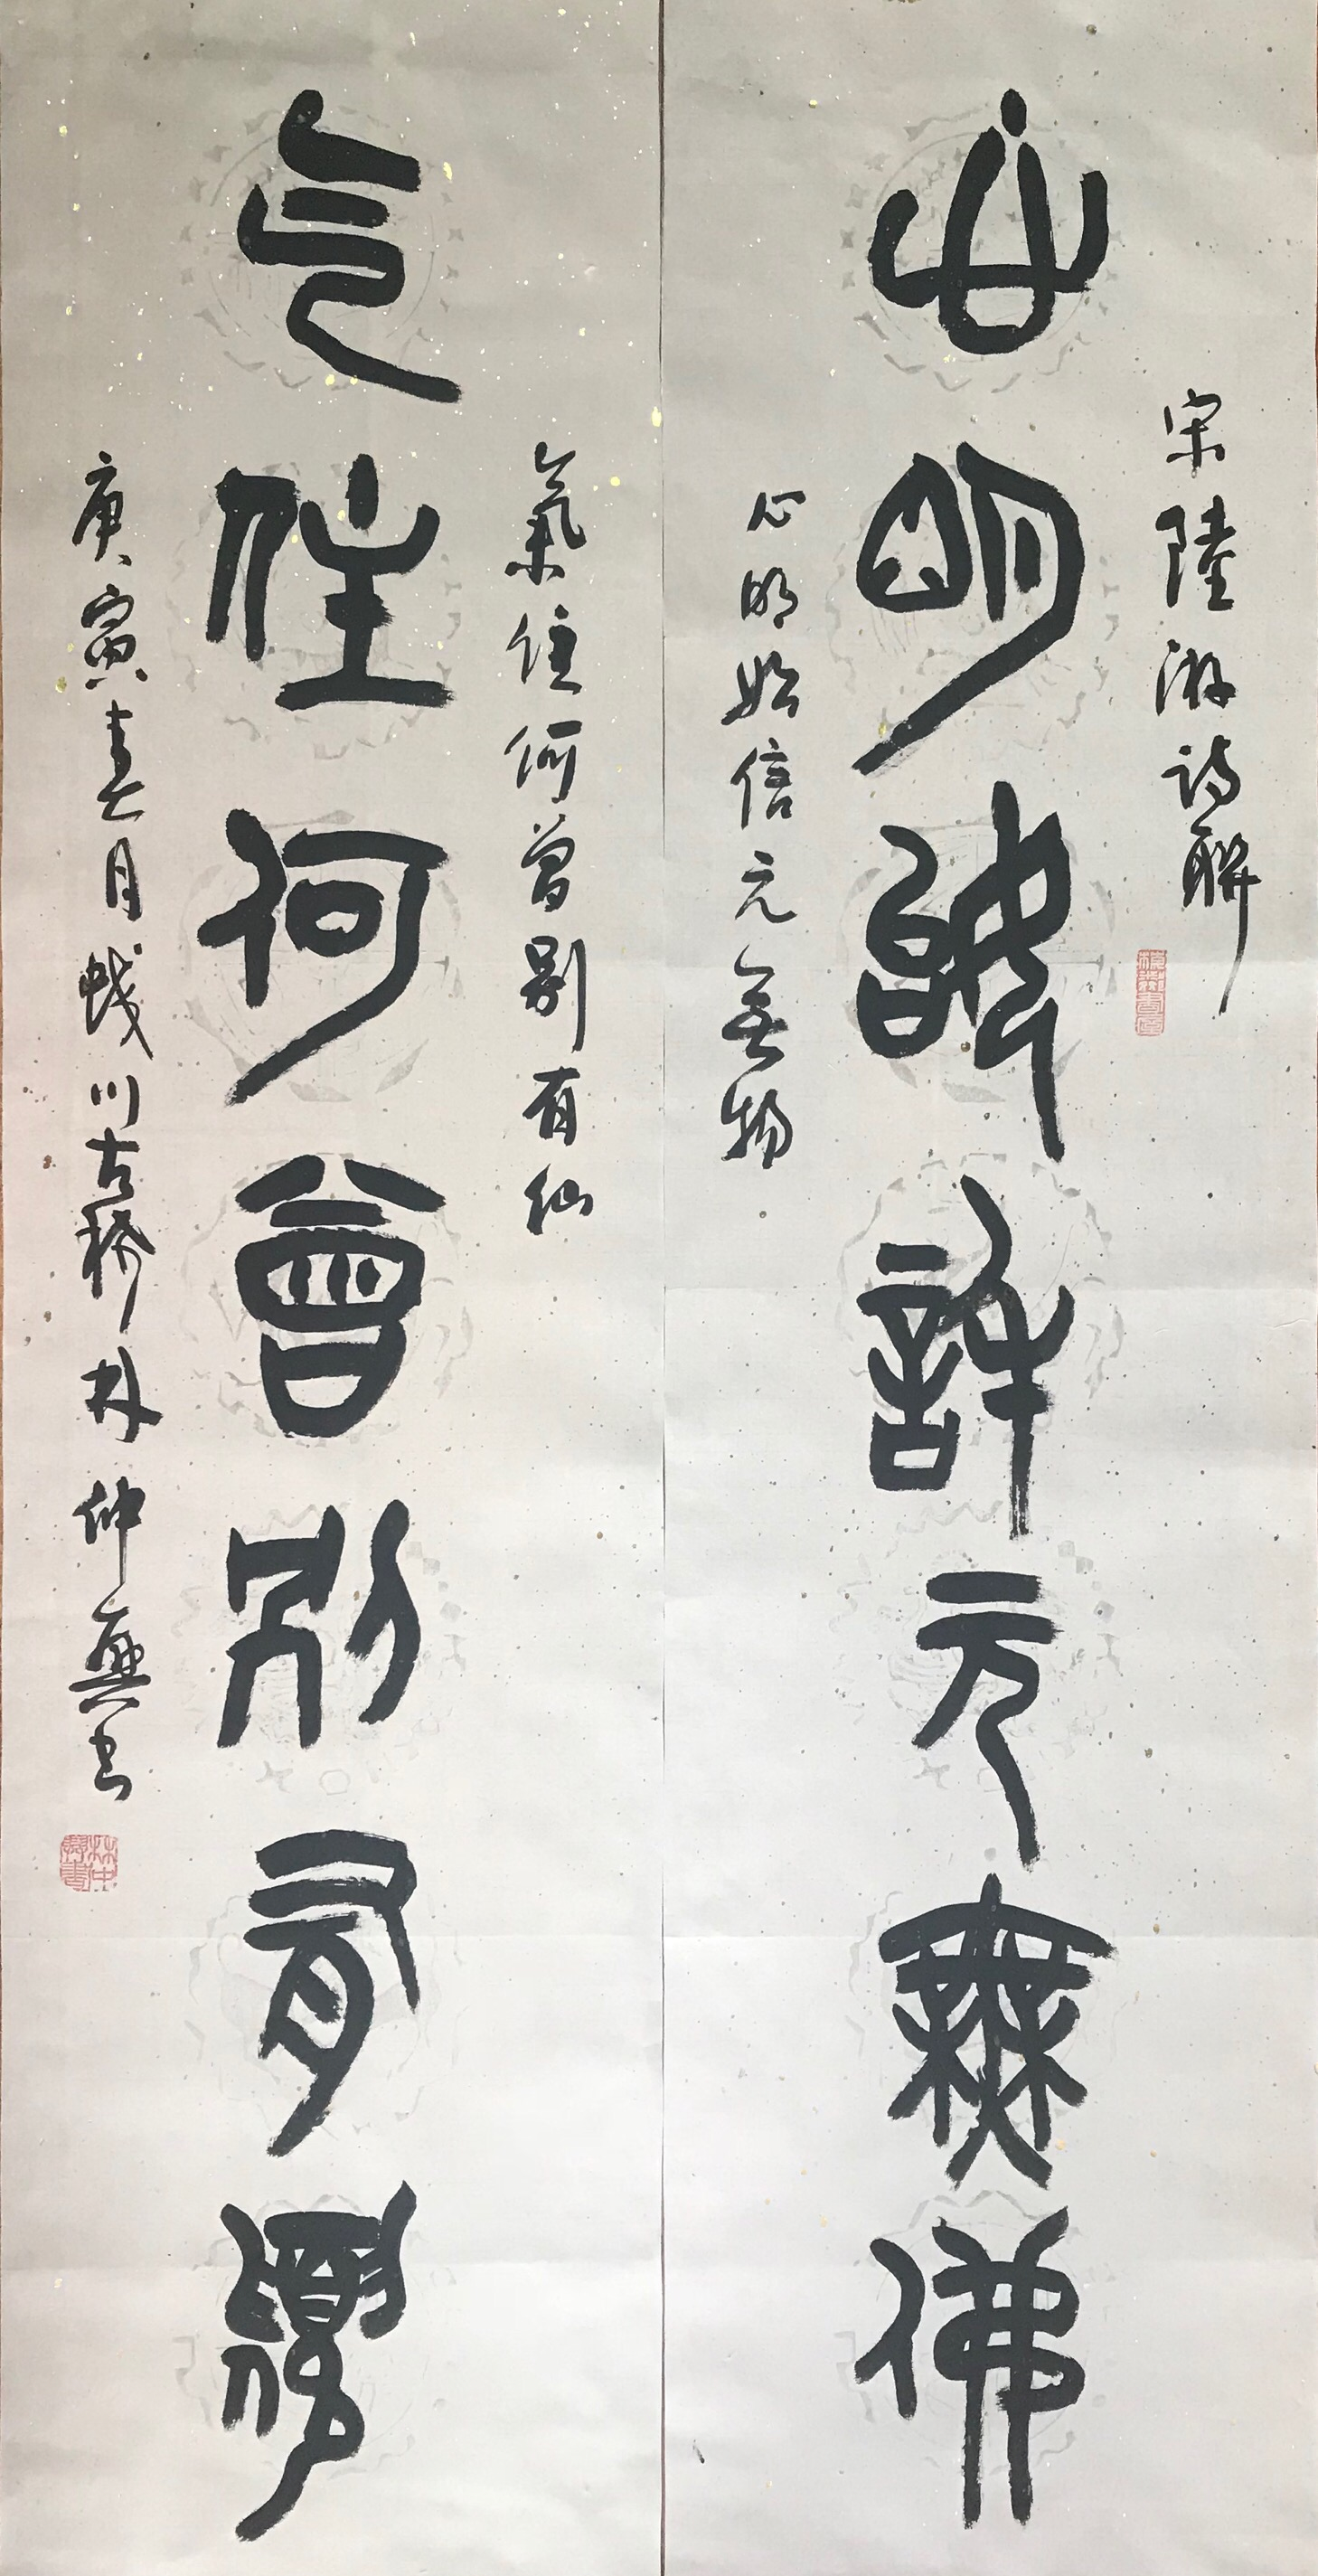 林仲兴—《陆游诗联》